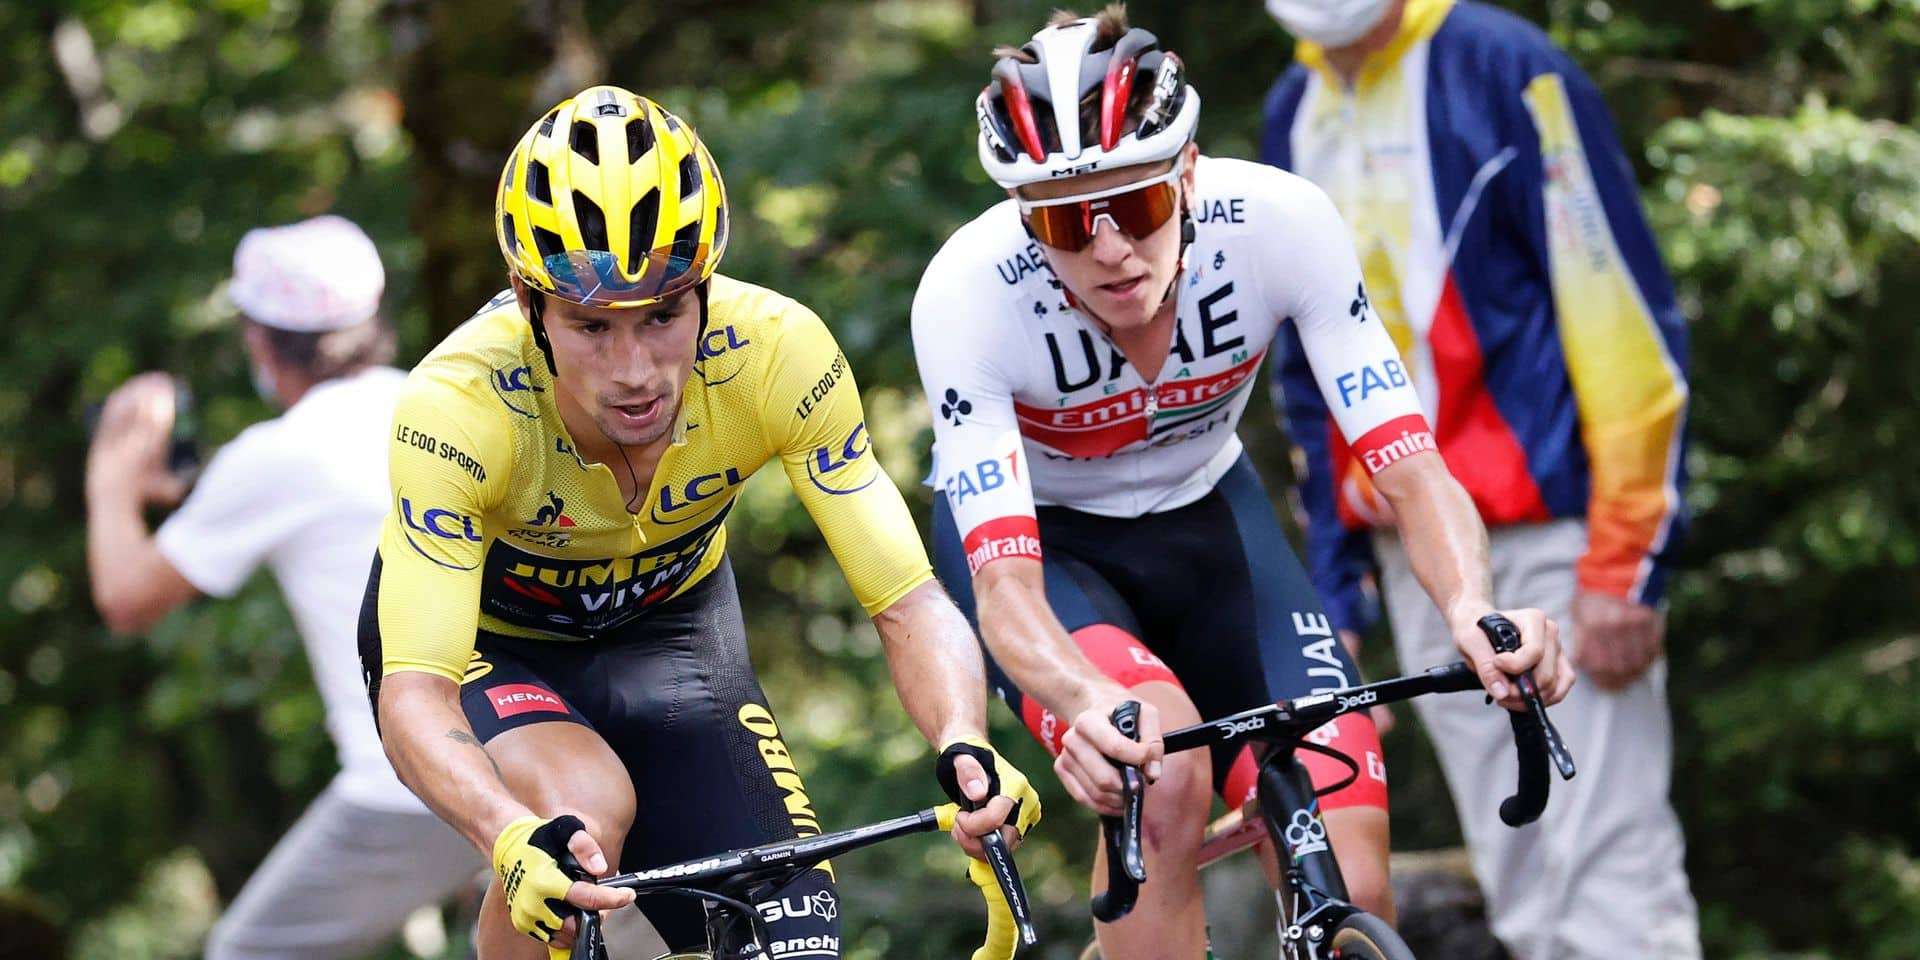 24 victoires WorldTour avec seulement 3 coureurs: la Slovénie a largement dominé le peloton cette saison